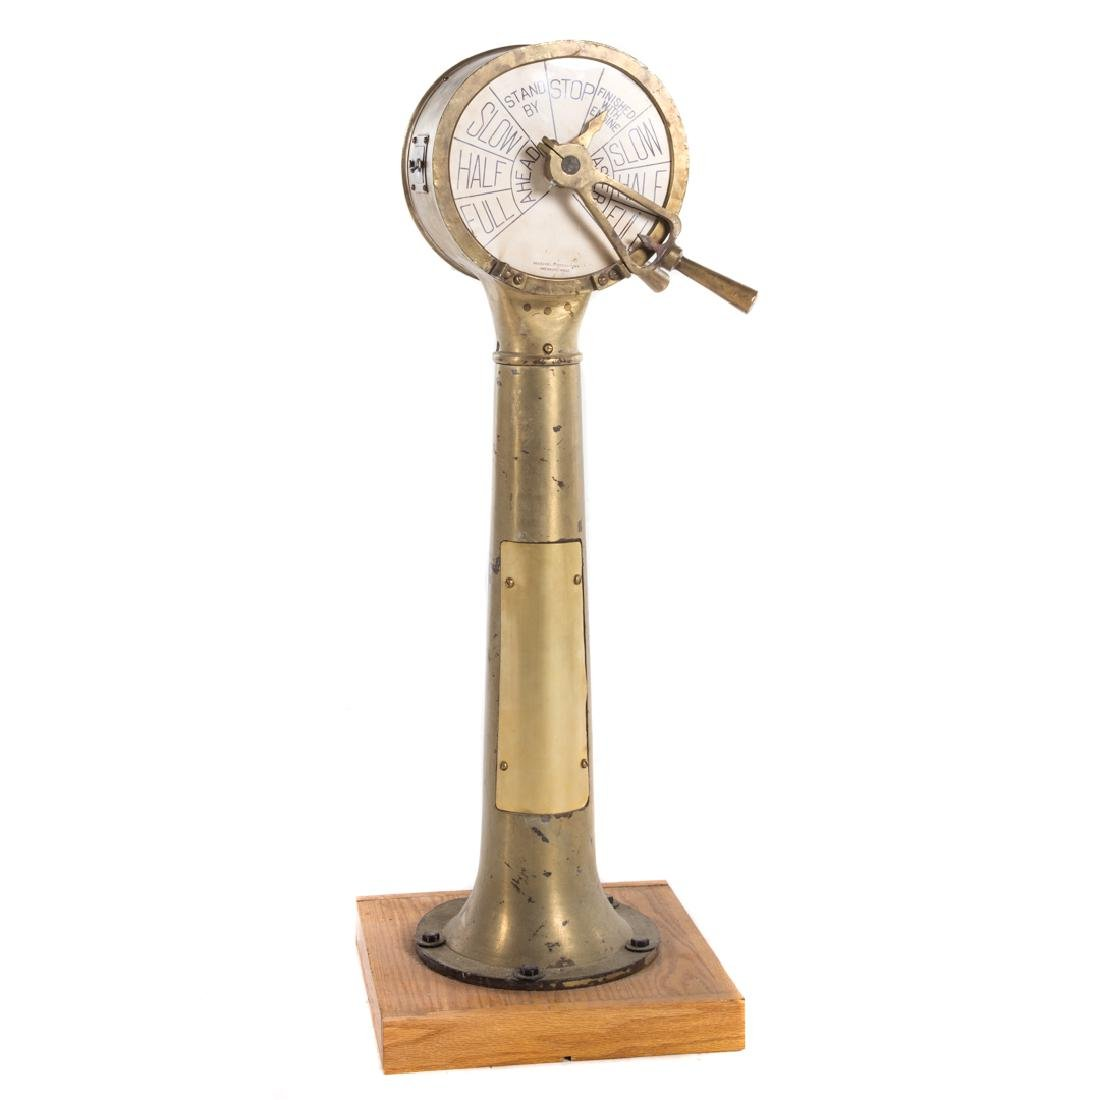 Henschel bronze engine order telegraph